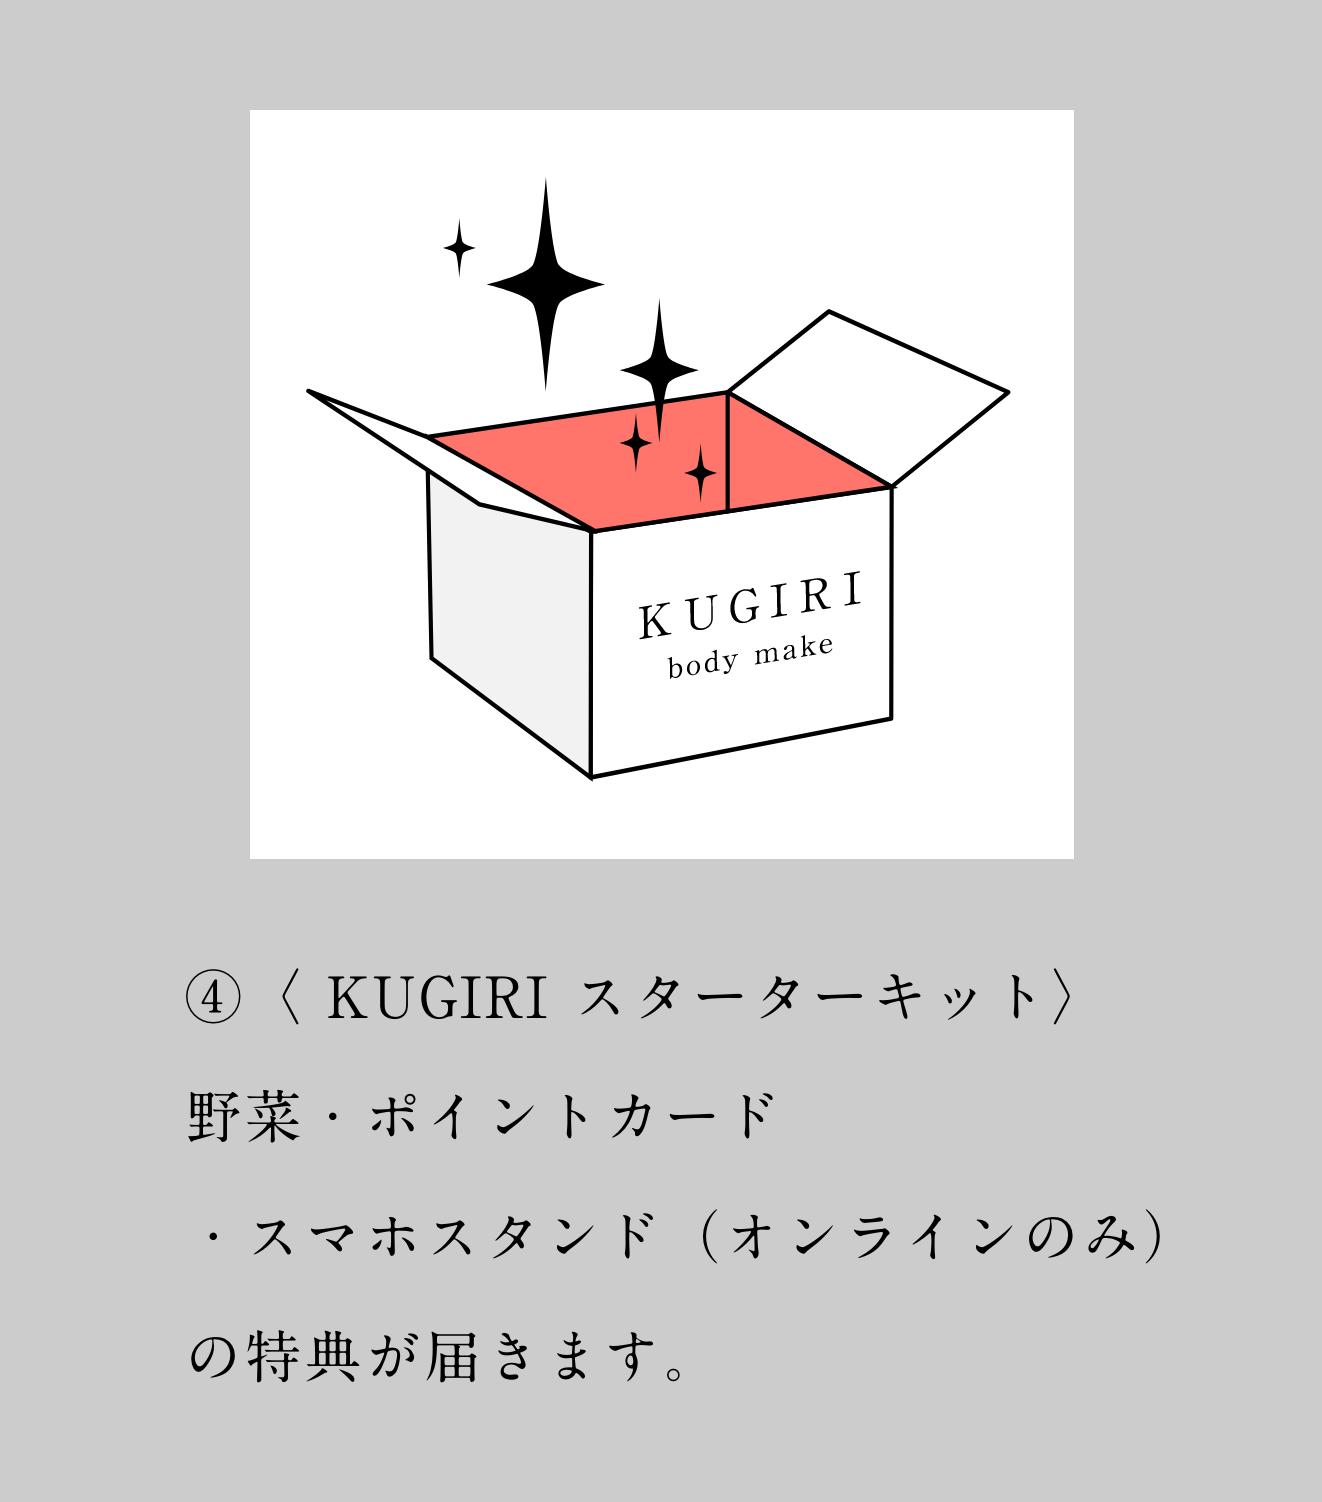 ④〈 KUGIRI スターターキット〉野菜・ポイントカード・スマホスタンド(オンラインのみ)の特典が届きます。